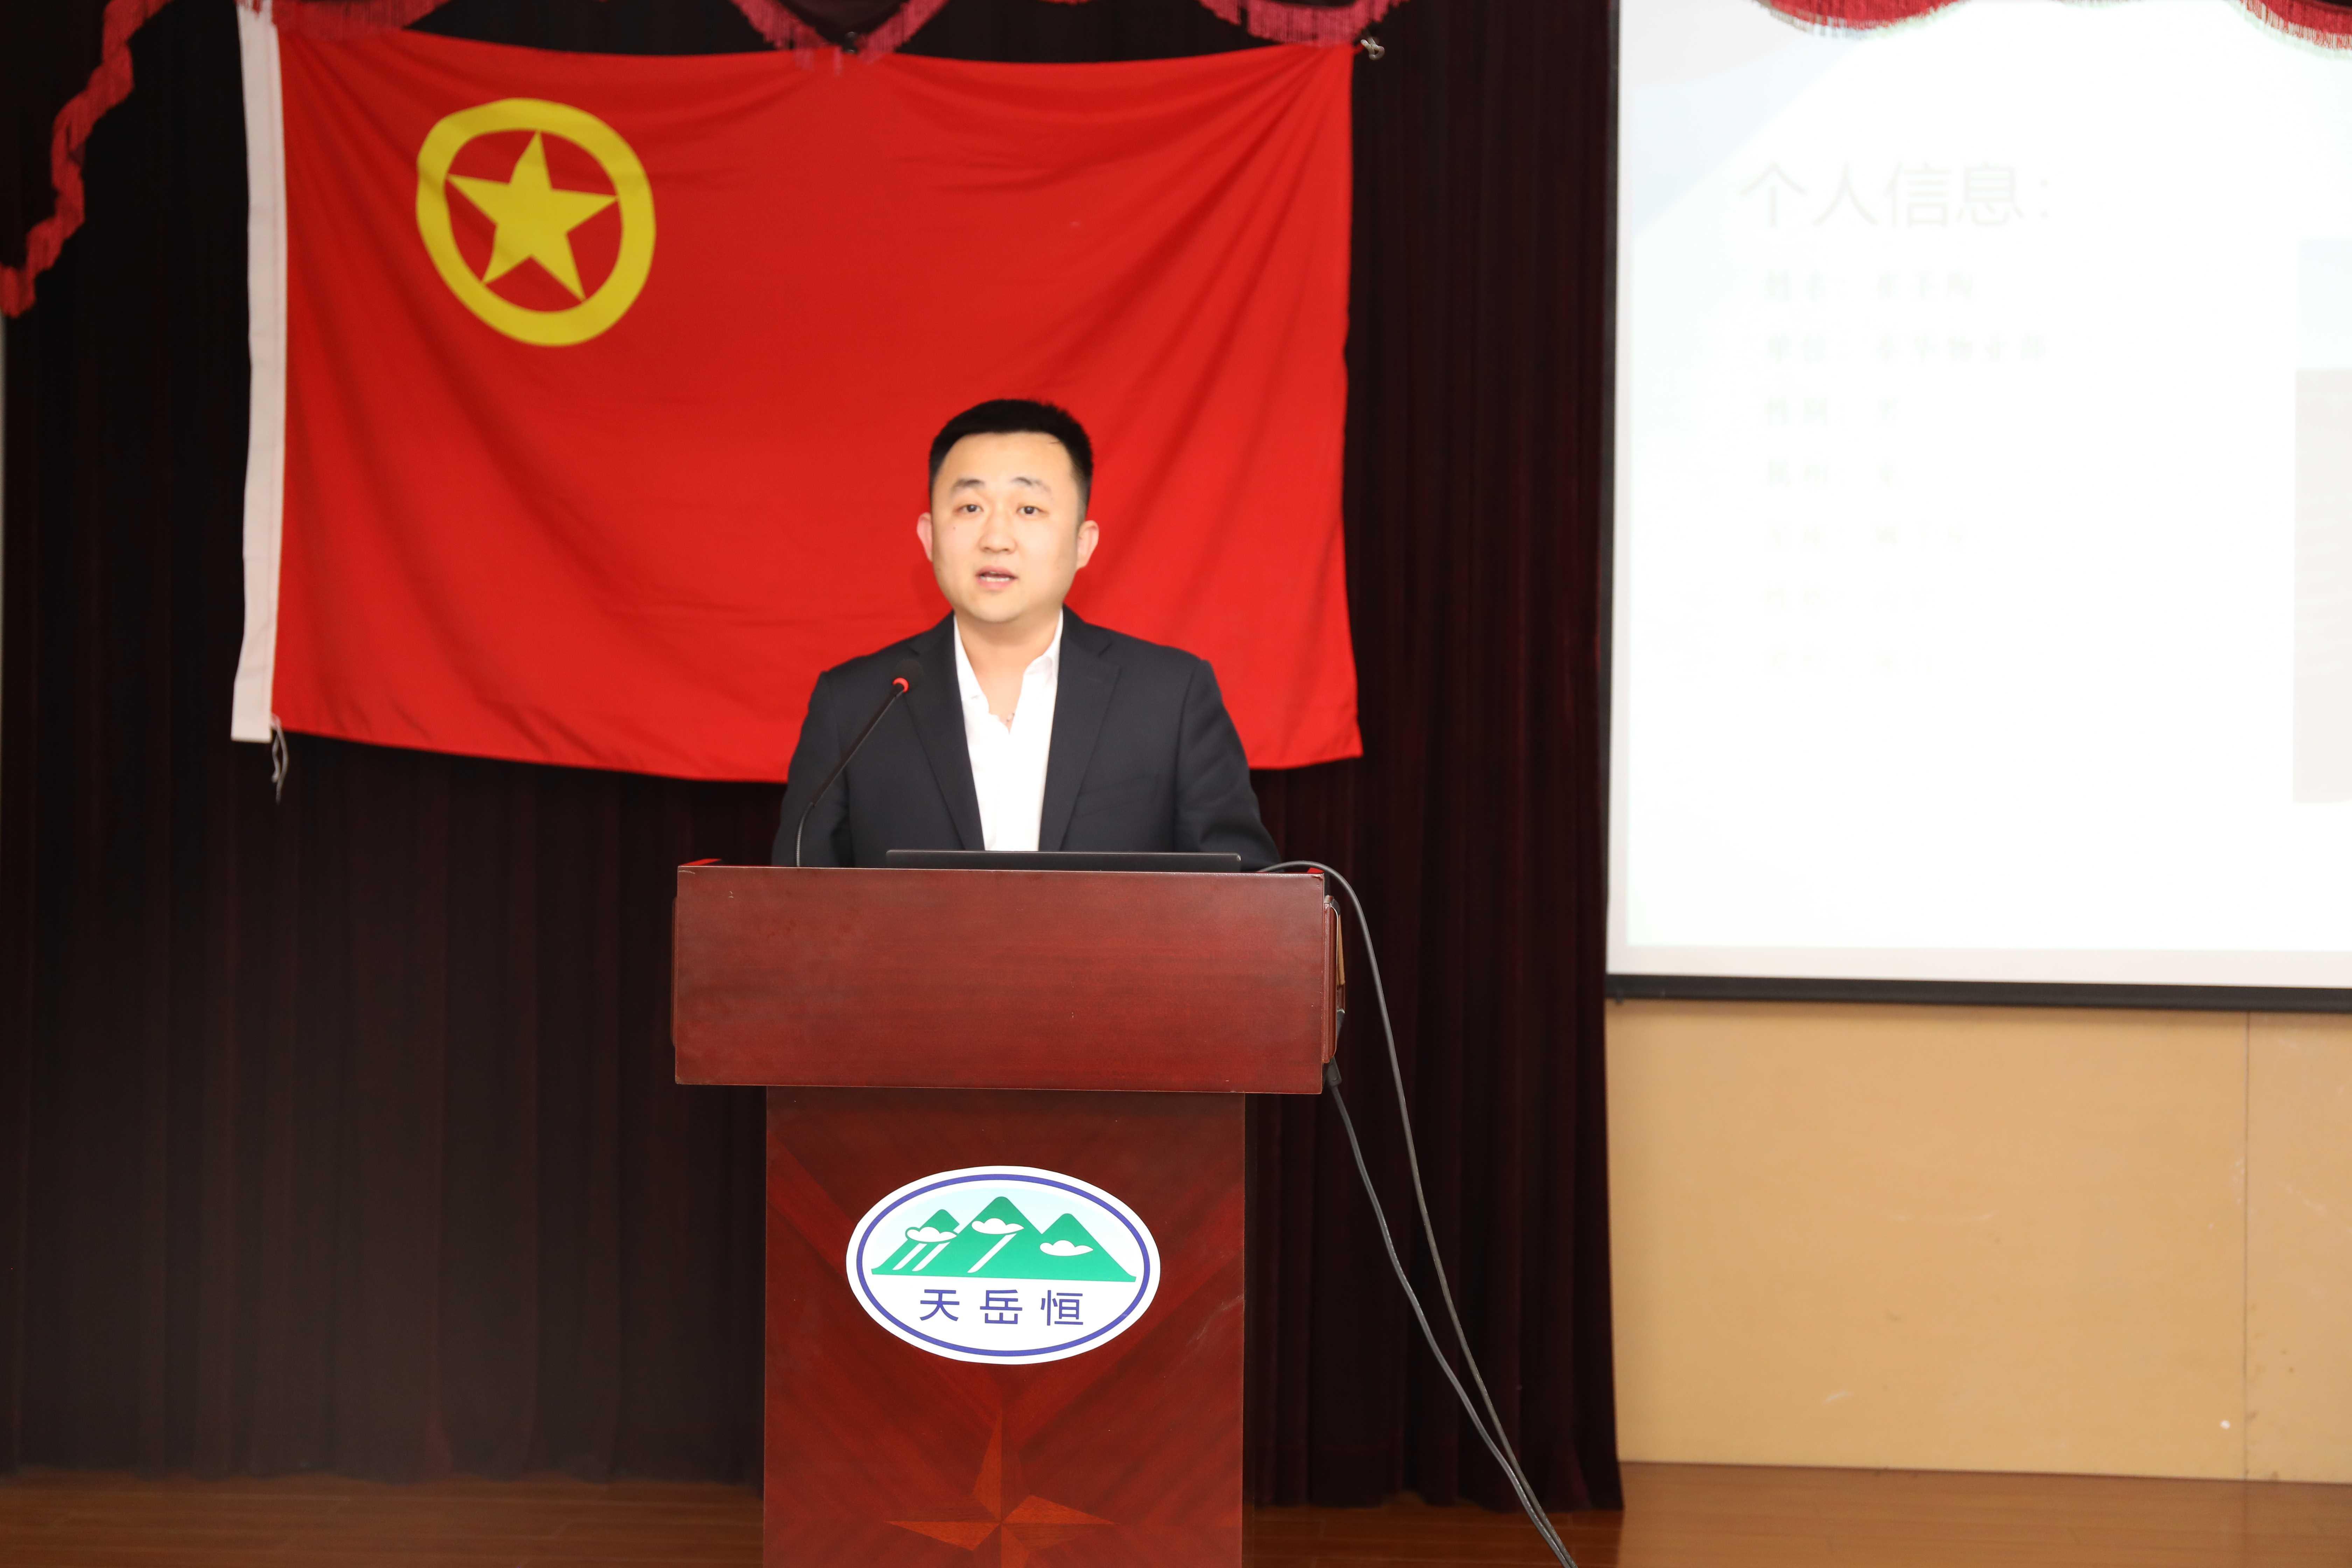 2018年度十优青年-8.泰华物业管理分公司物业部崔圣陶